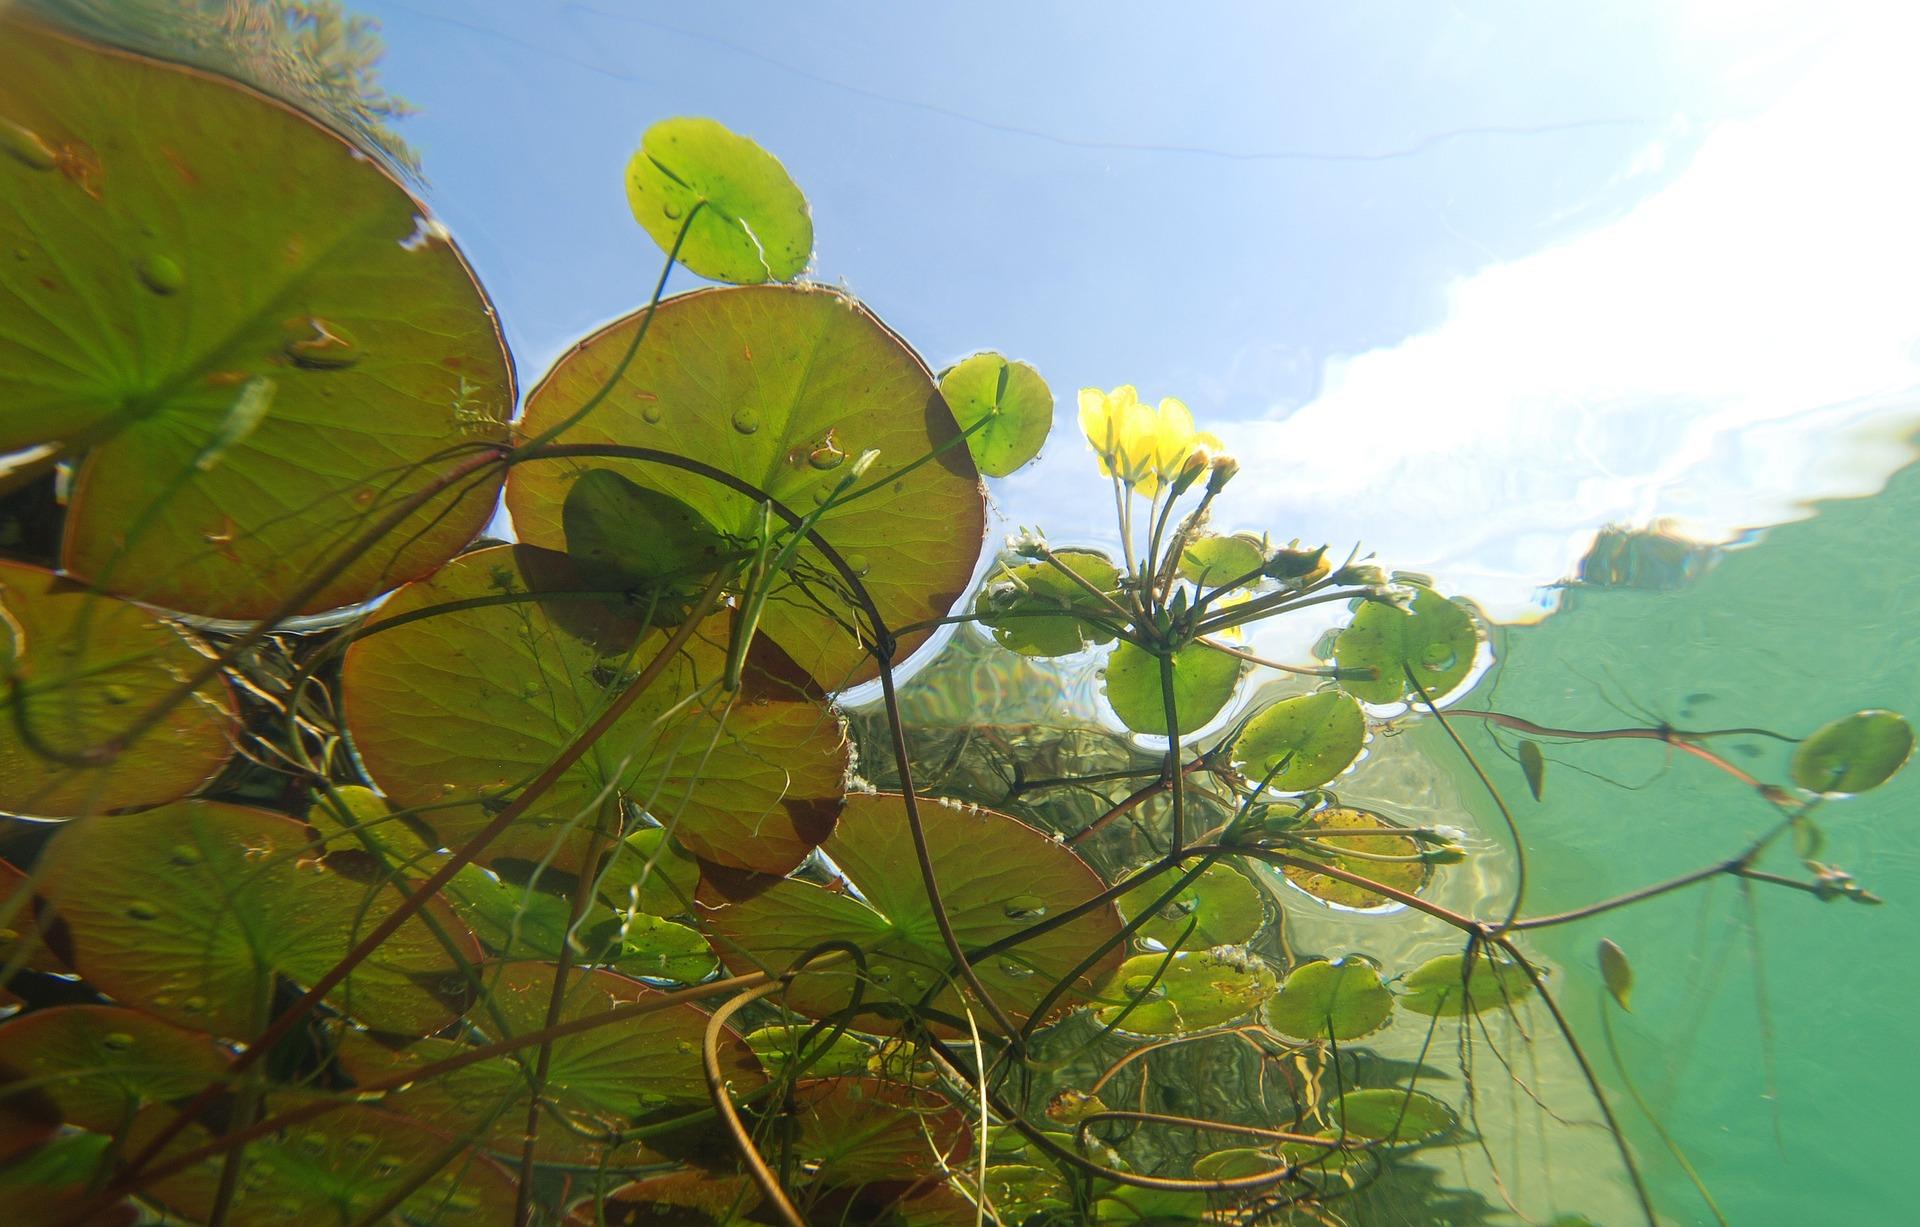 Le jardin aquatique jardiner autrement for Nettoyer feuilles plantes